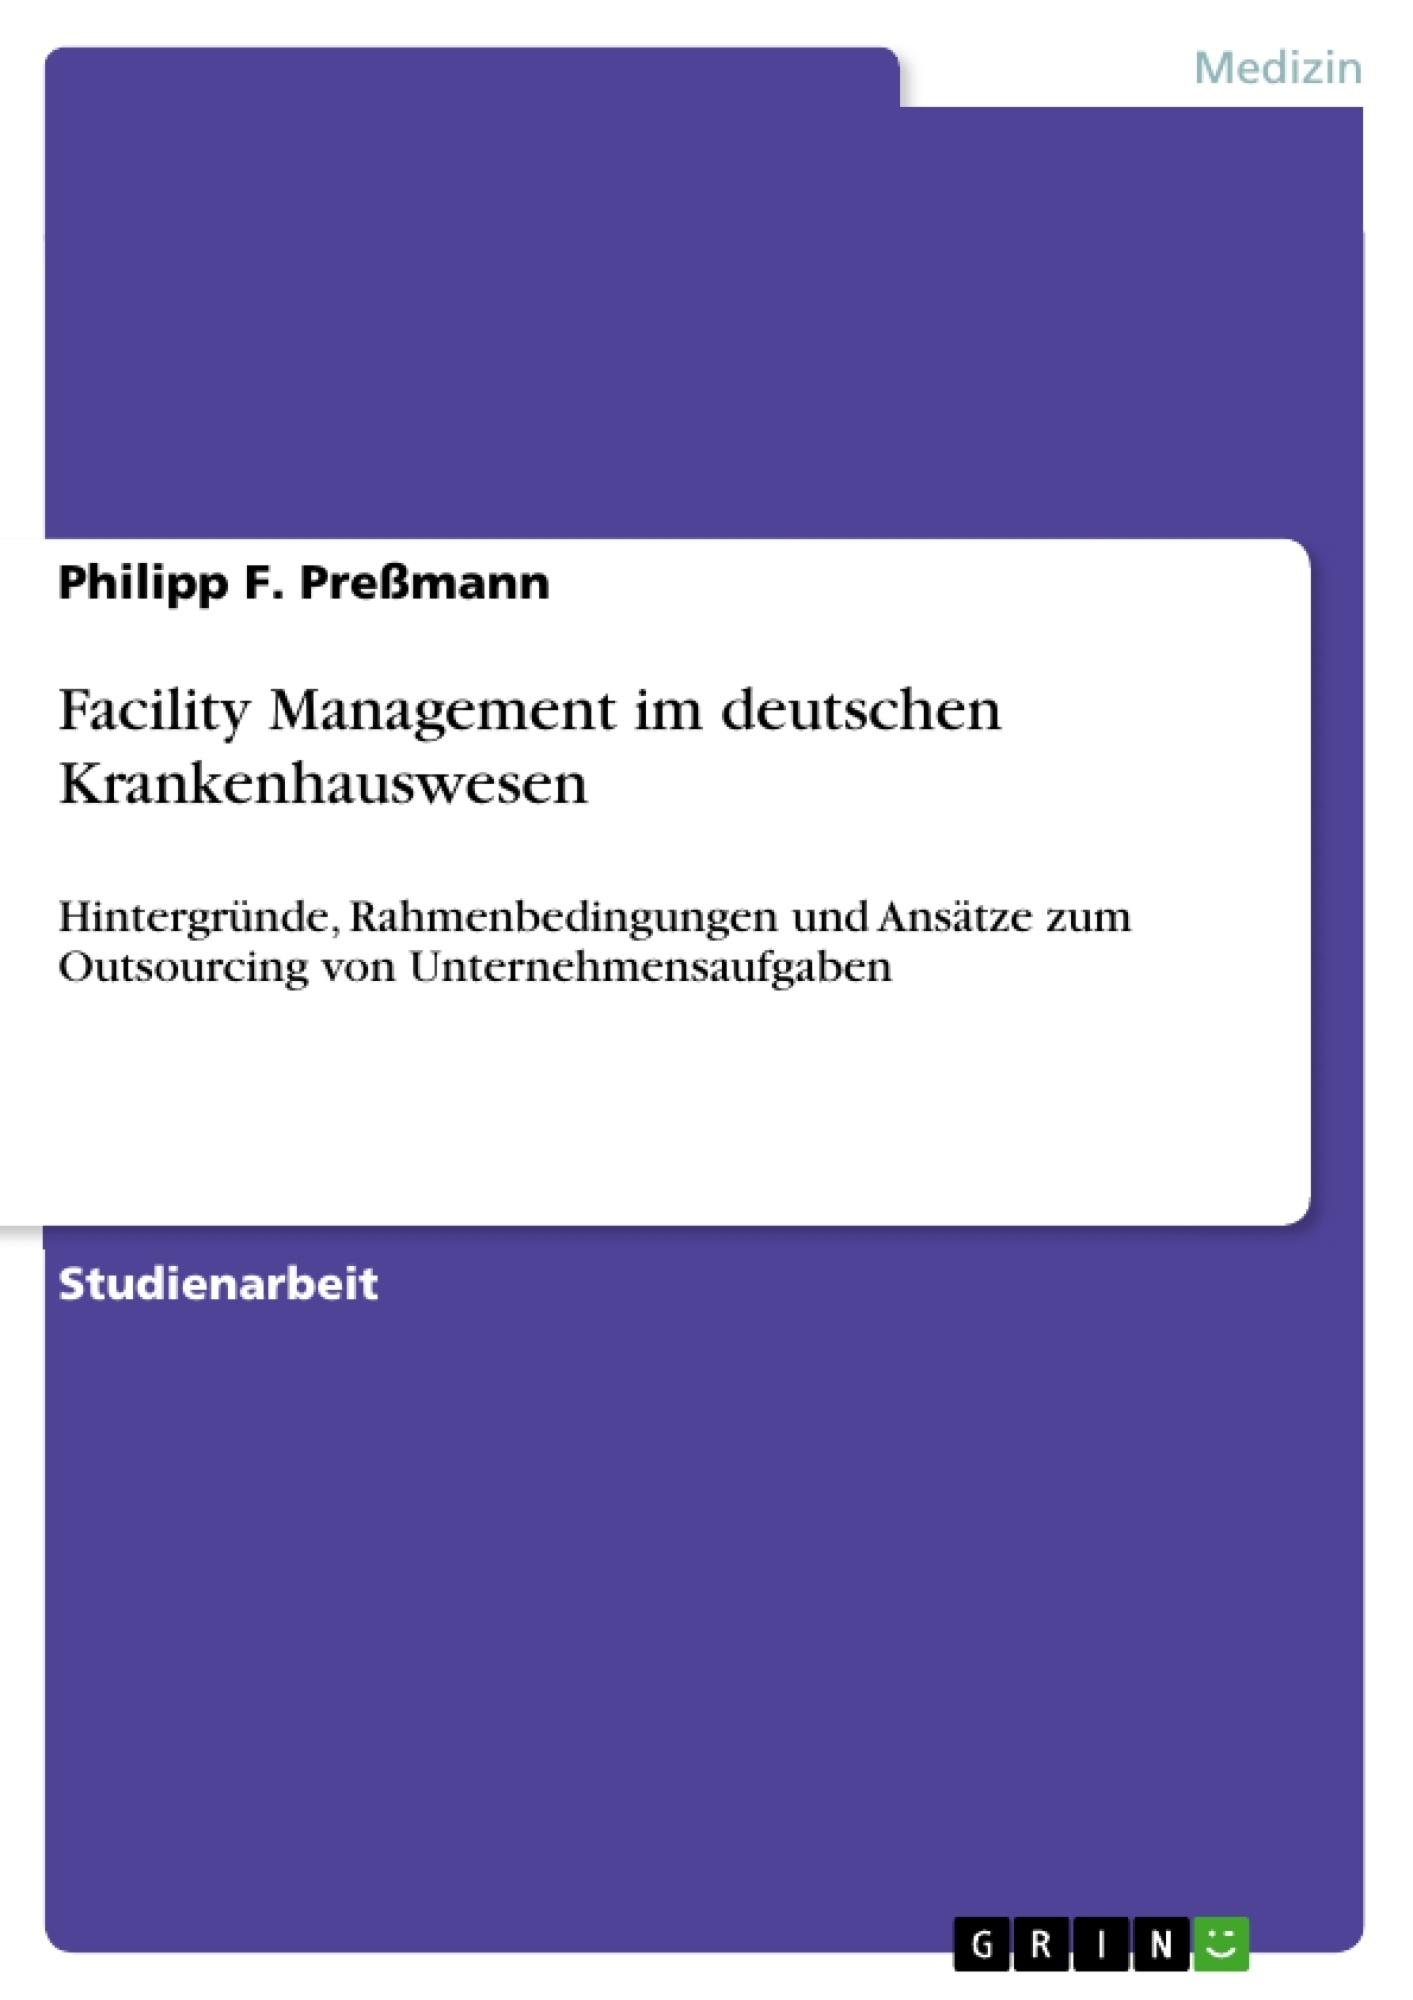 Titel: Facility Management im deutschen Krankenhauswesen